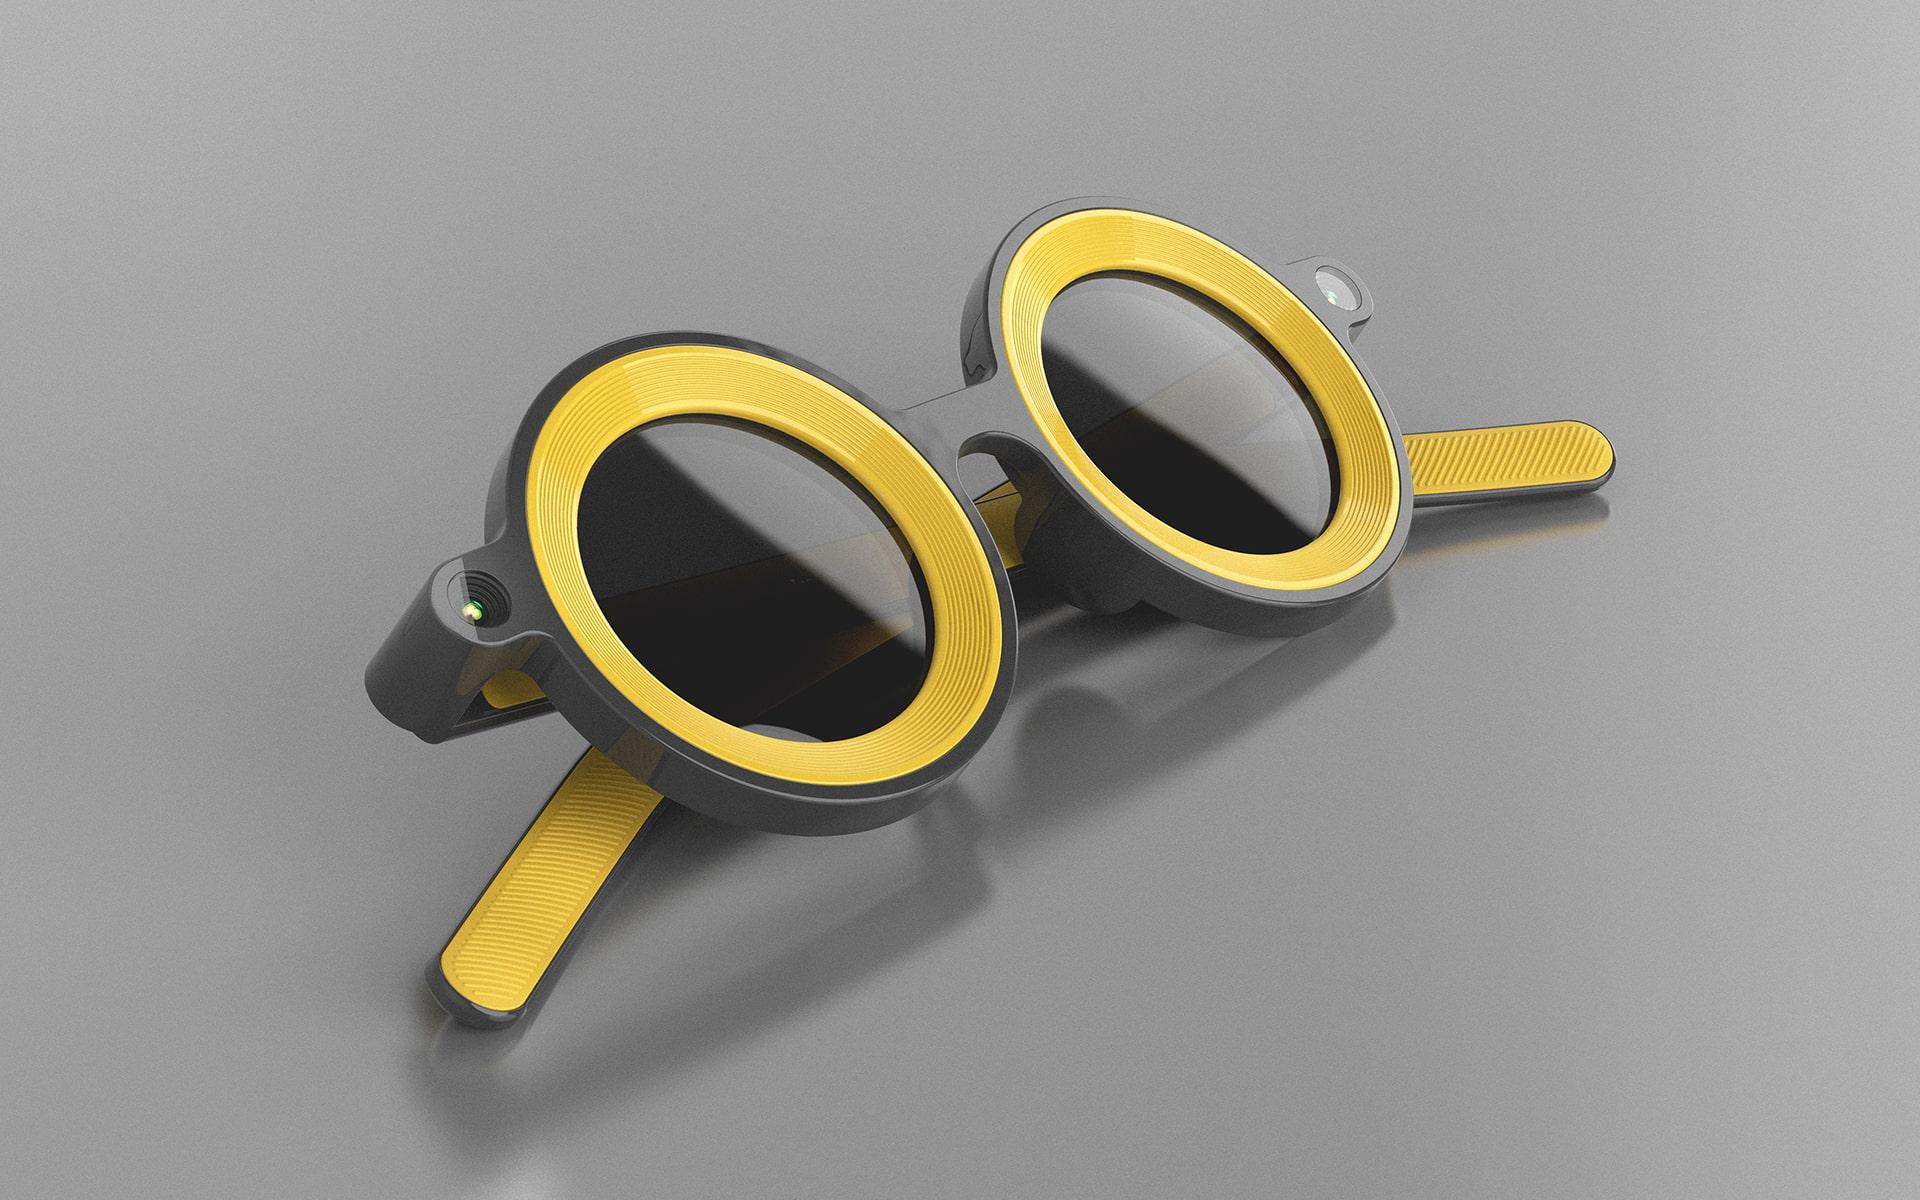 Snapchat-Glasses-41-min